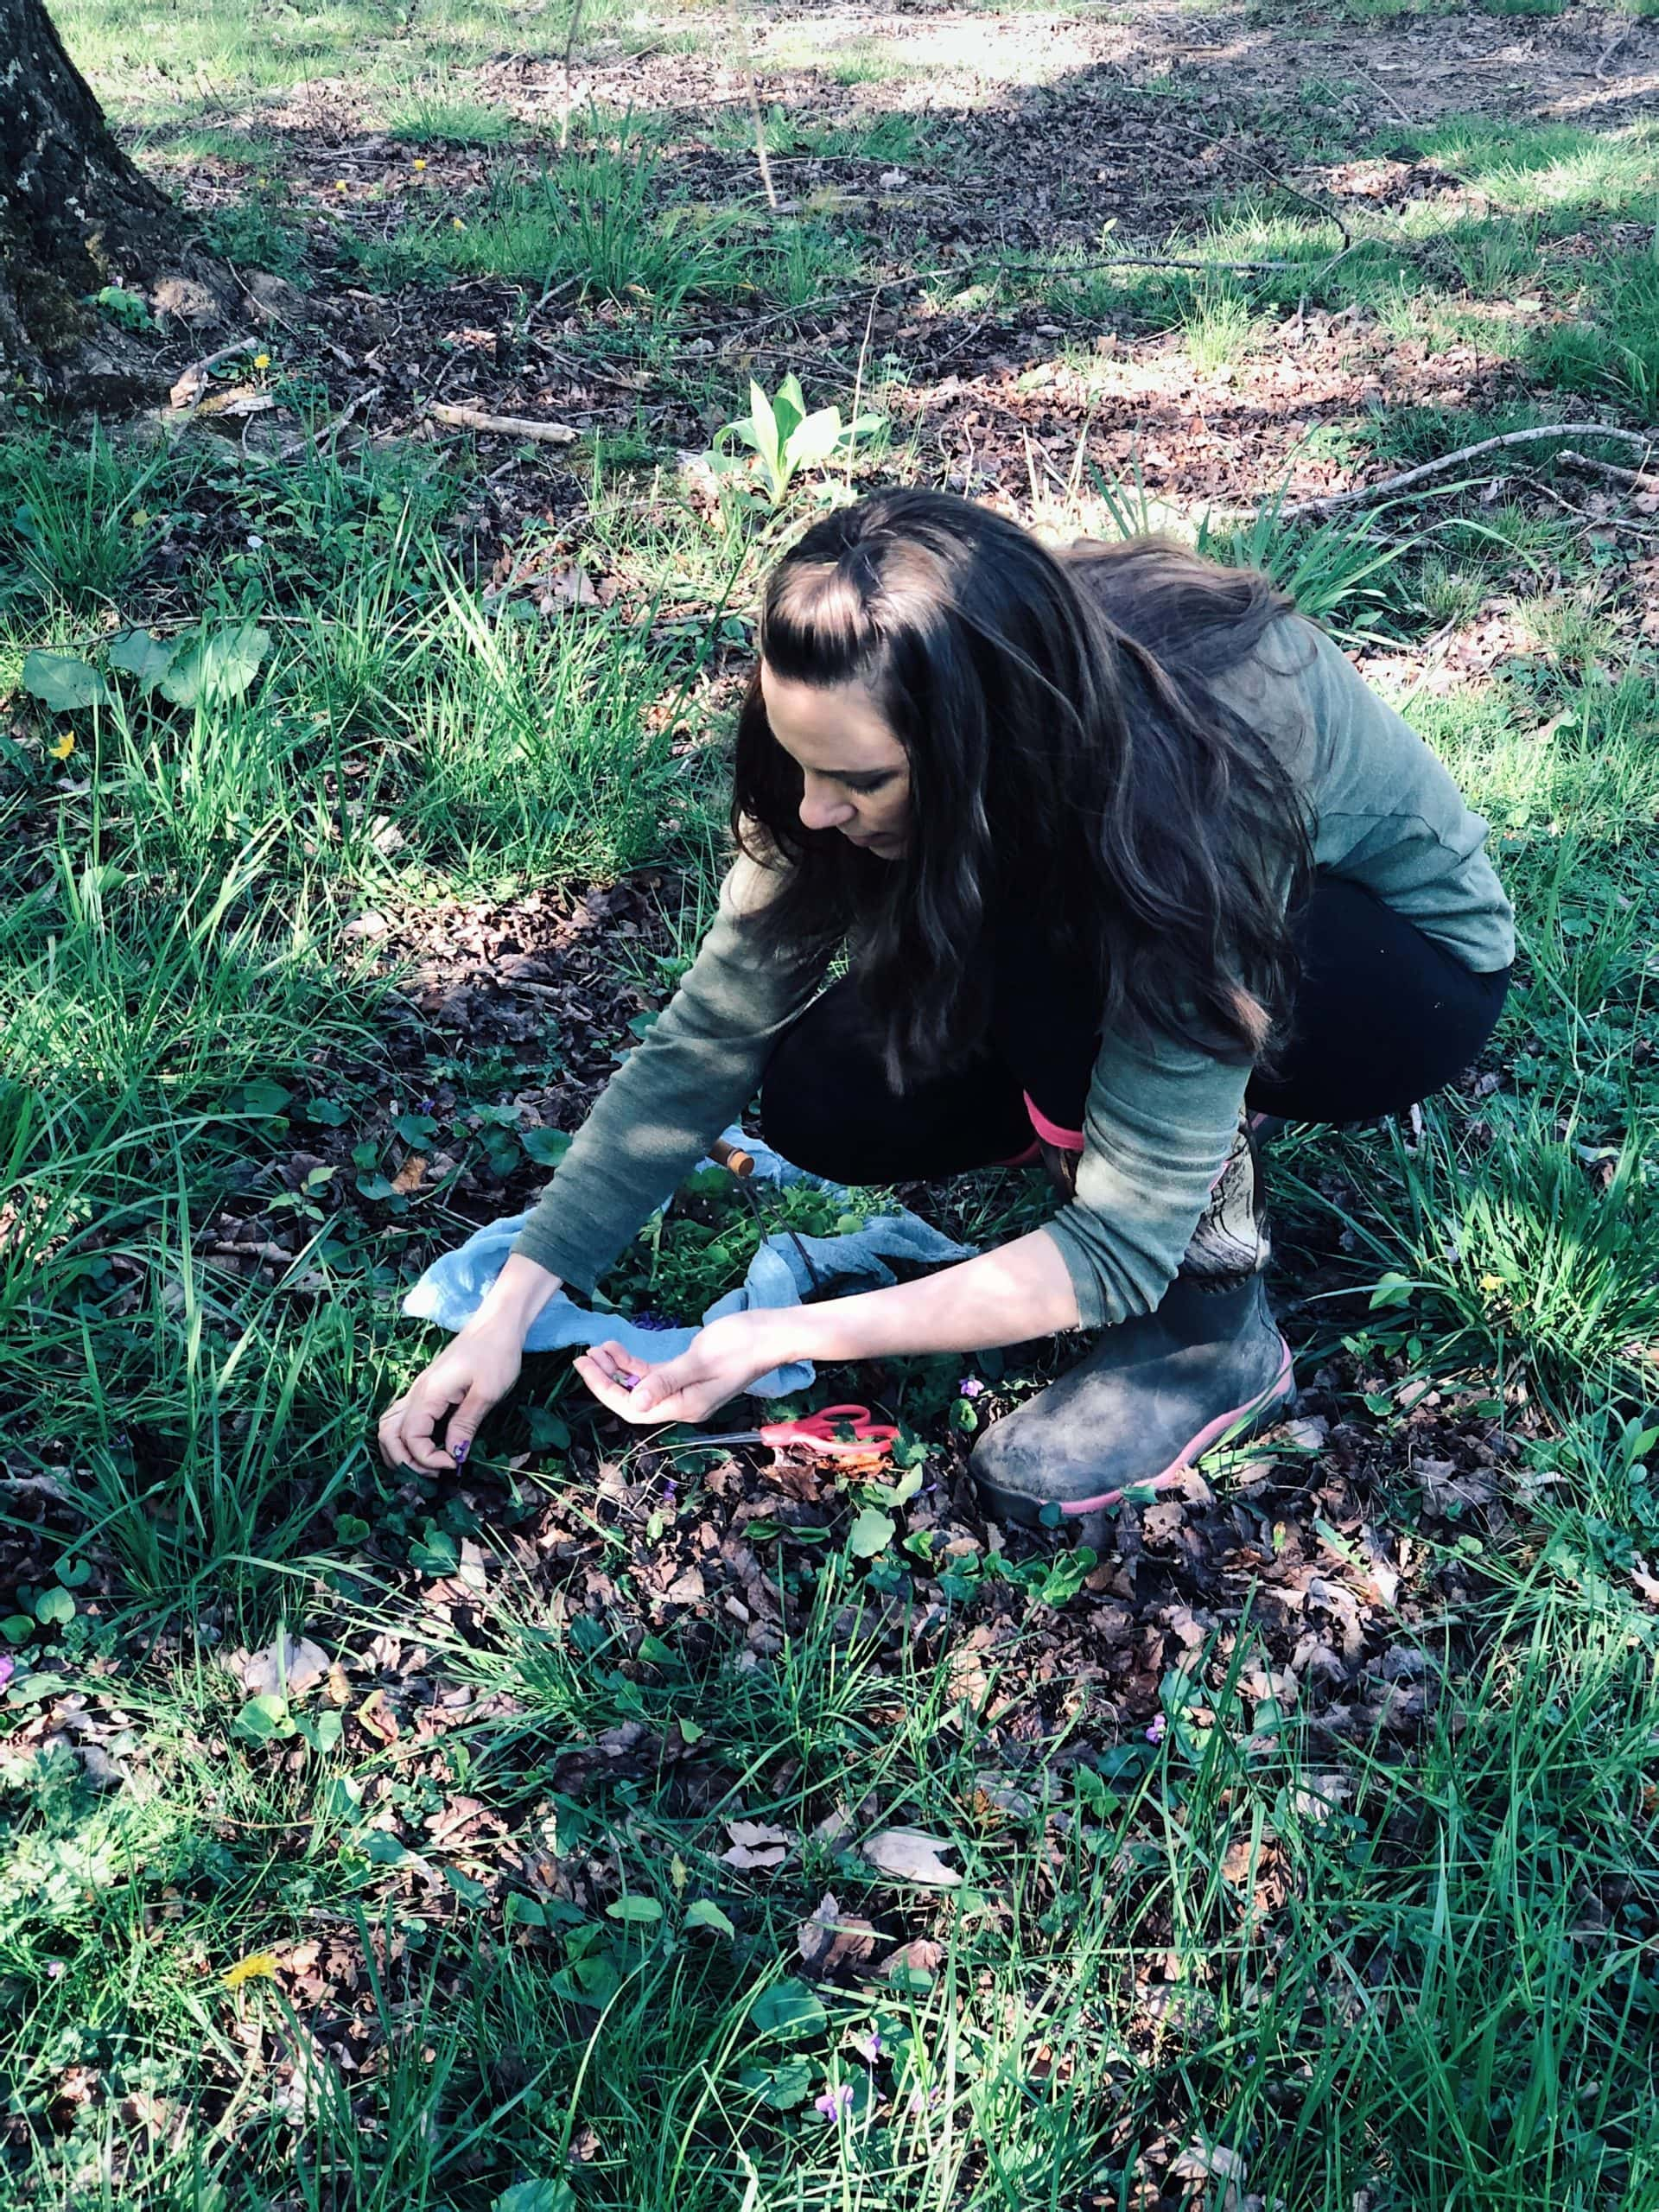 Harvesting violet leaf and flower